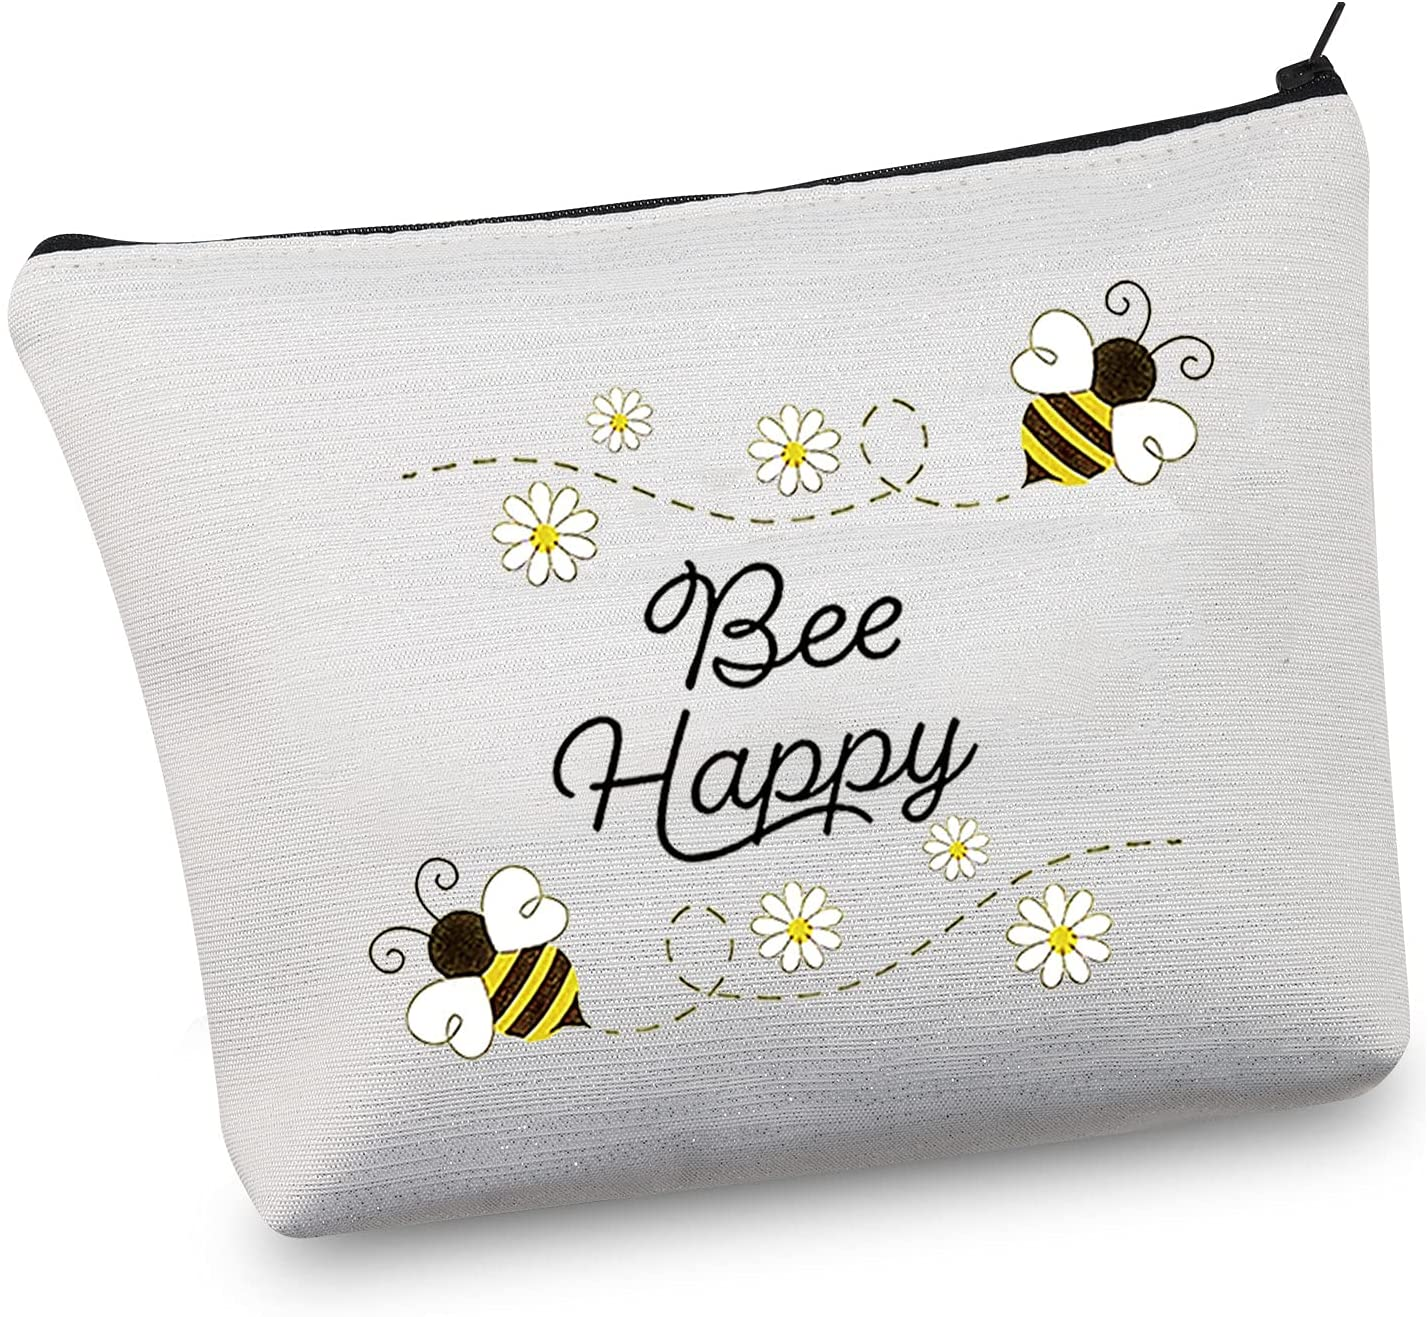 bee-lover-gifts-honey-bee-makeup-bag